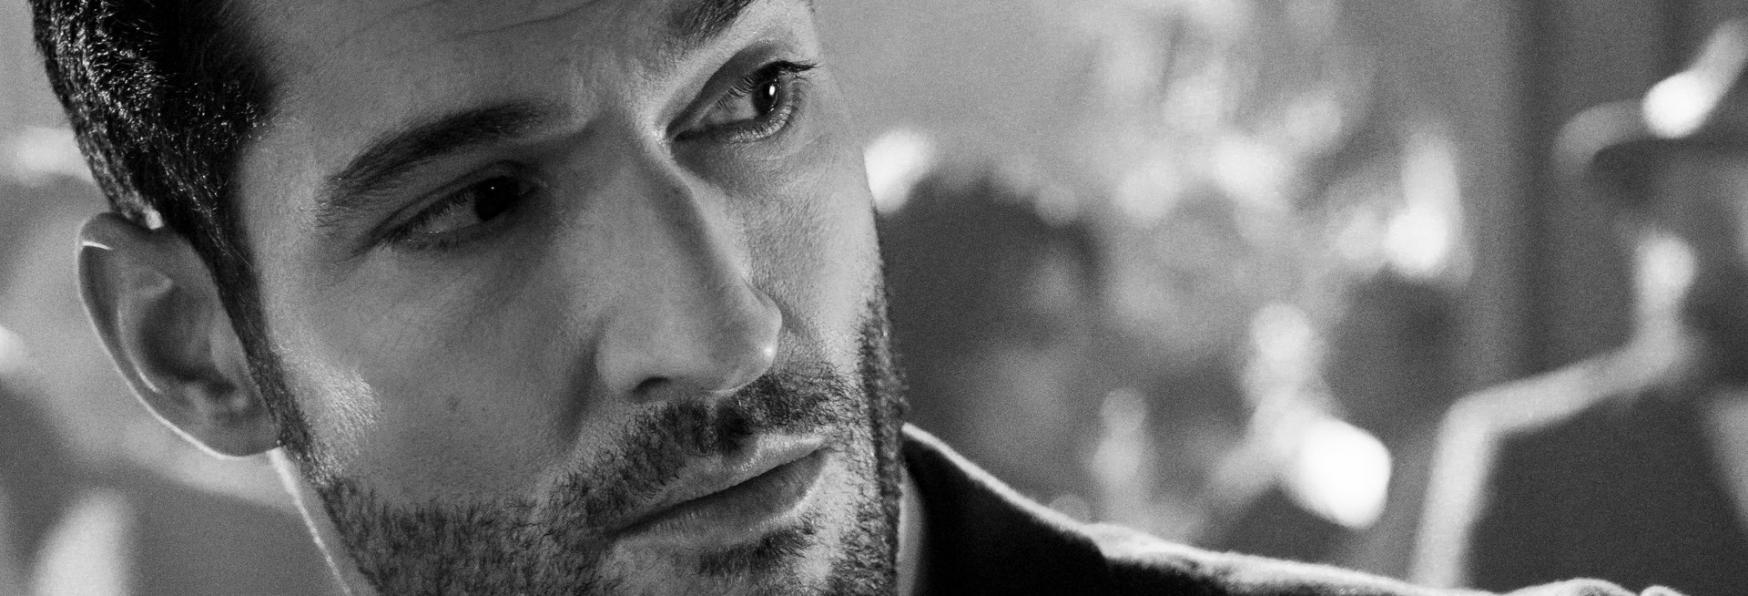 Lucifer 6: gli Showrunner rivelano che l'Ultima Stagione presenterà un nuovo Personaggio